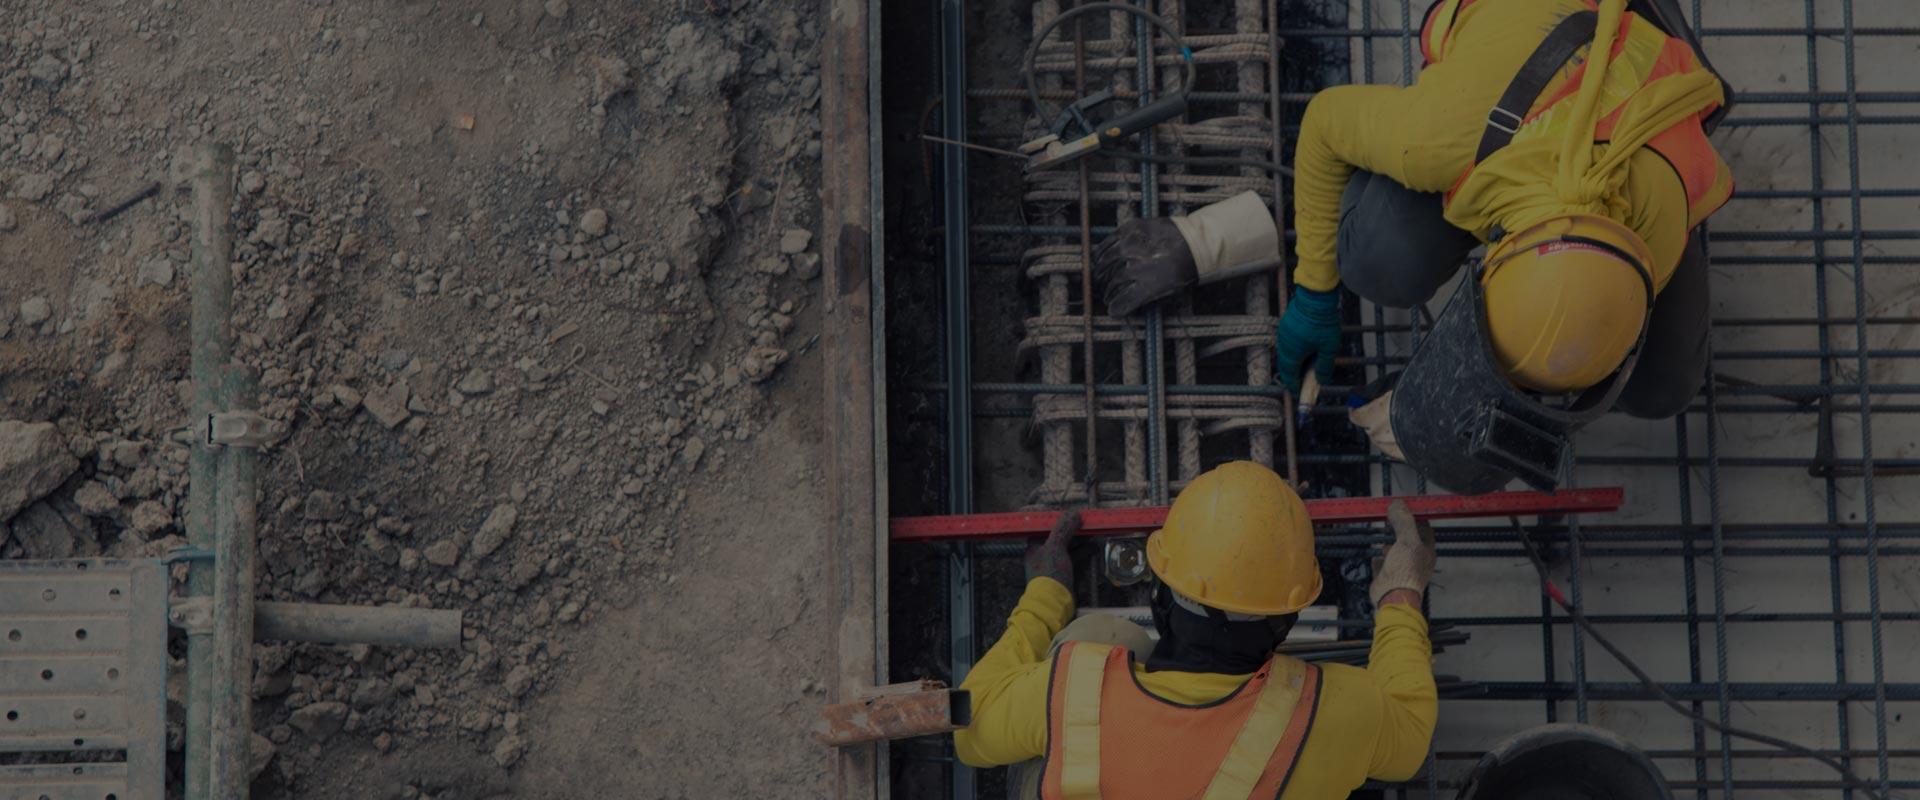 Οι ειδικοί στη μελέτη και κατασκευή κτιριακών έργων